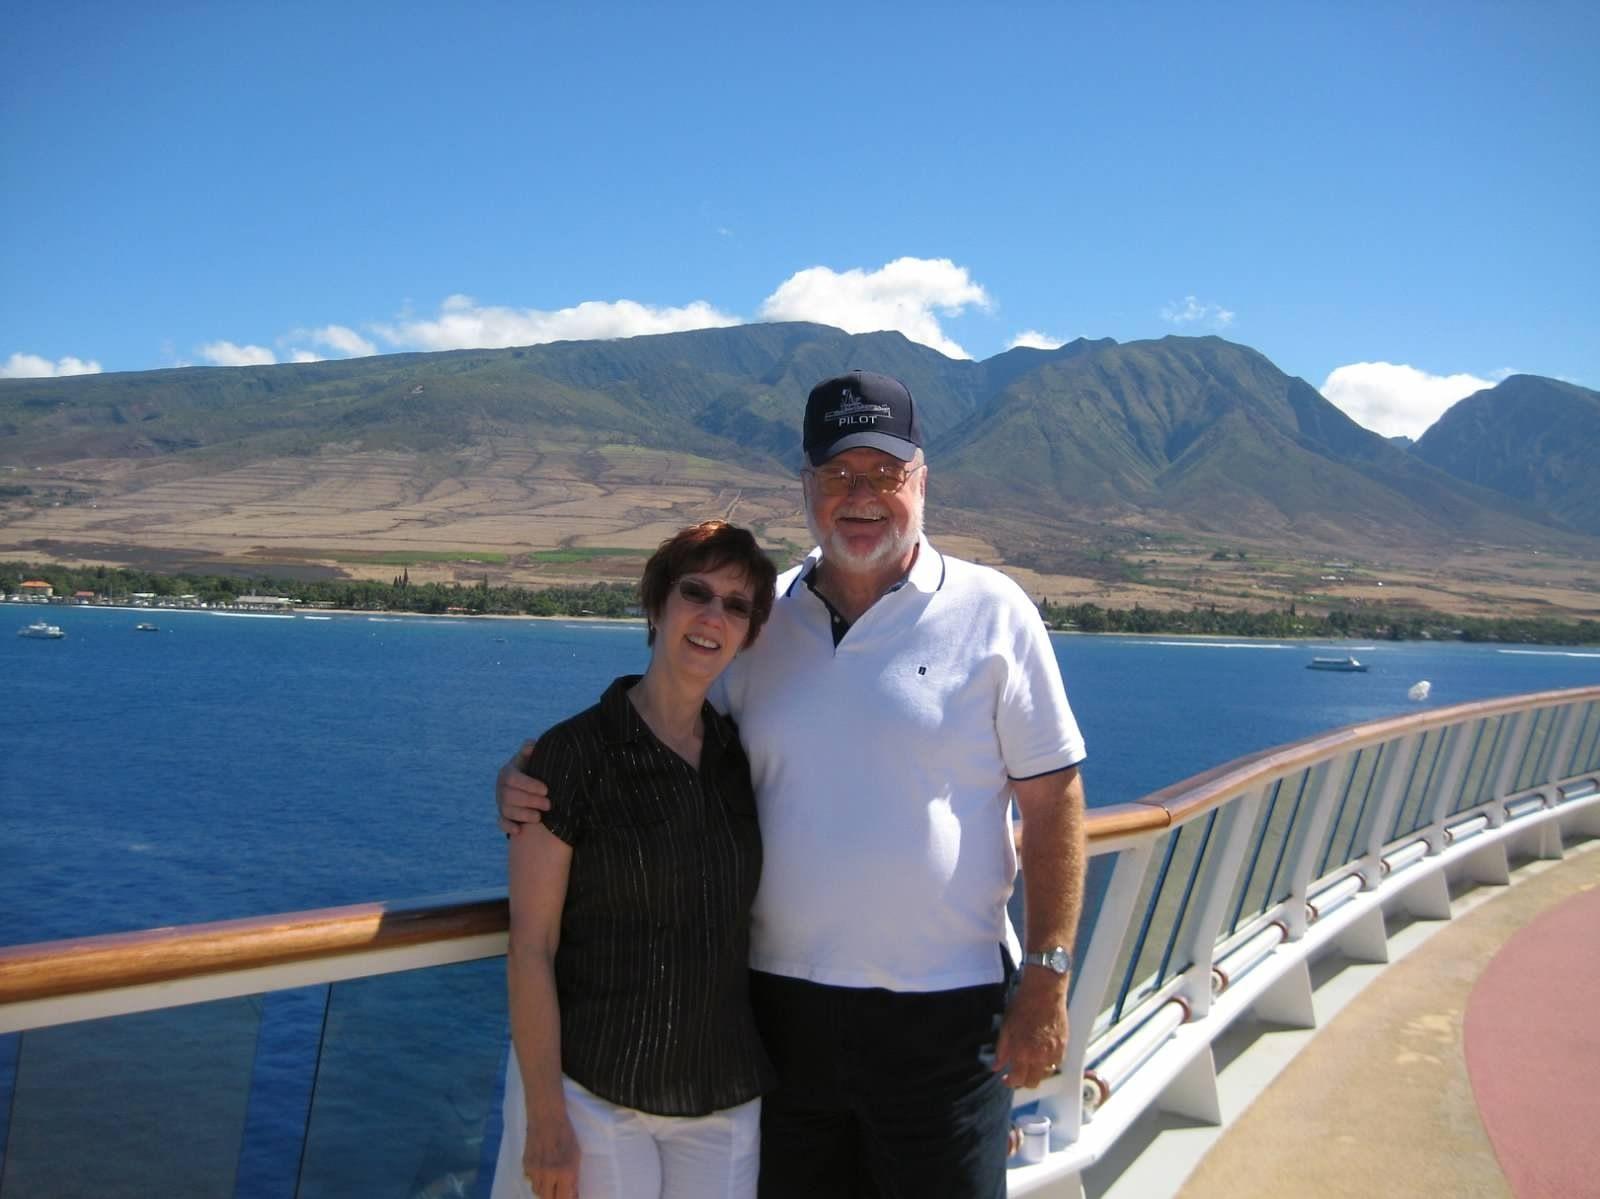 Off an Hawaiian island. Another fantastic cruise.